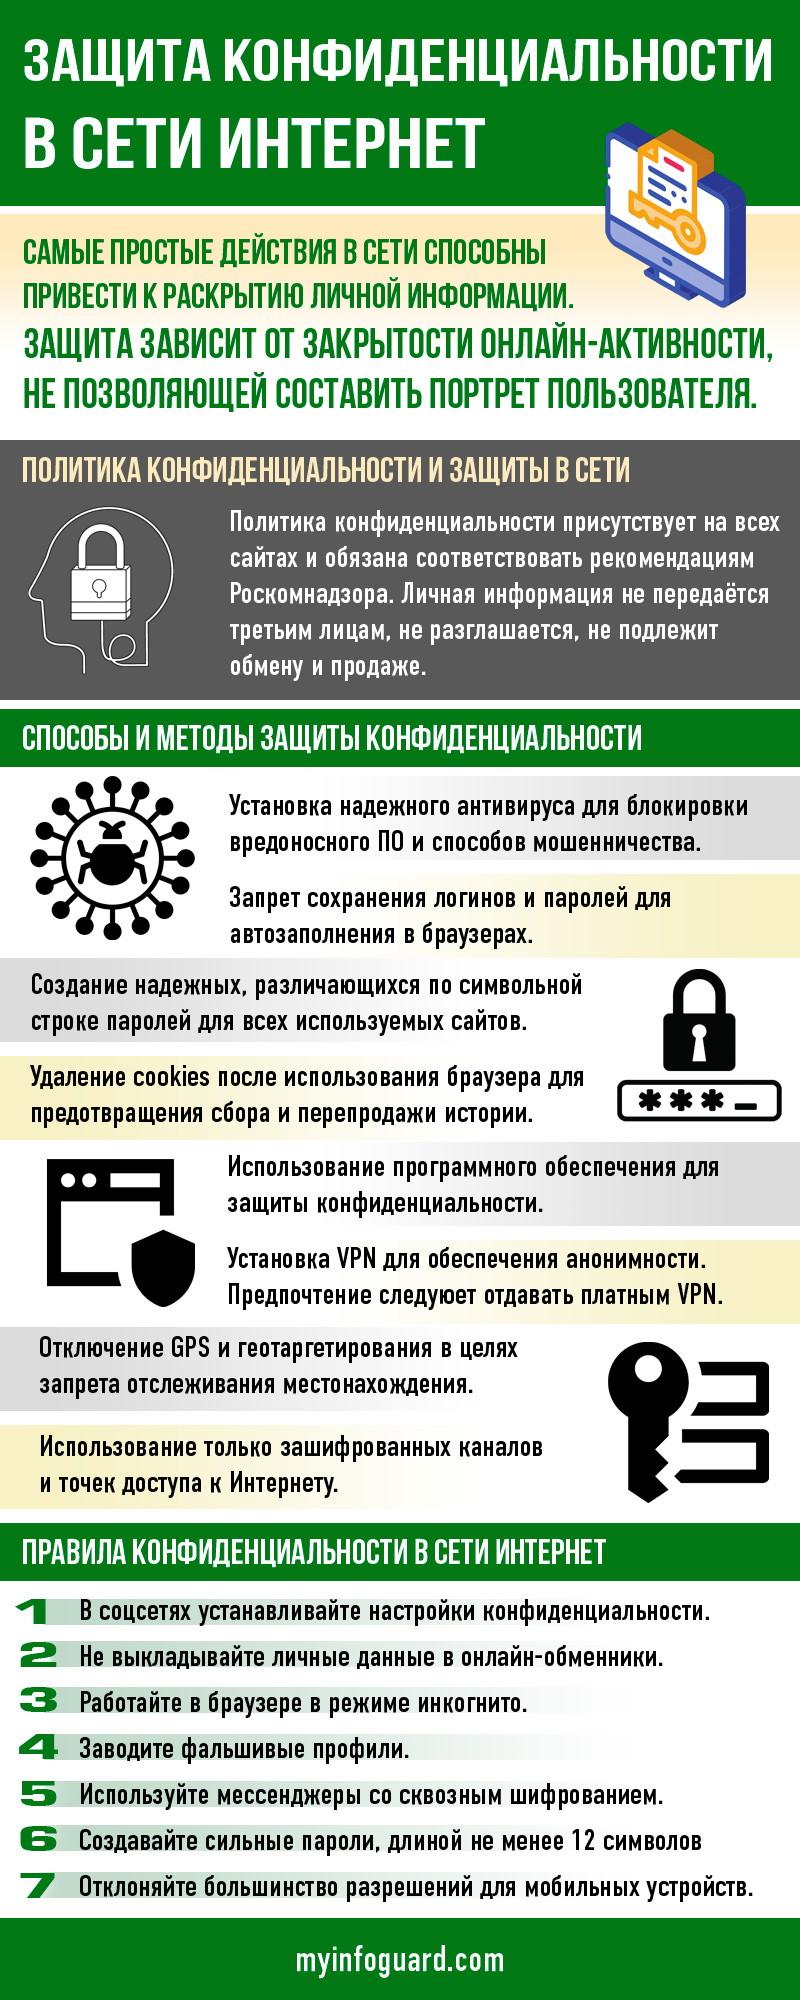 Защита конфиденциальности в сети